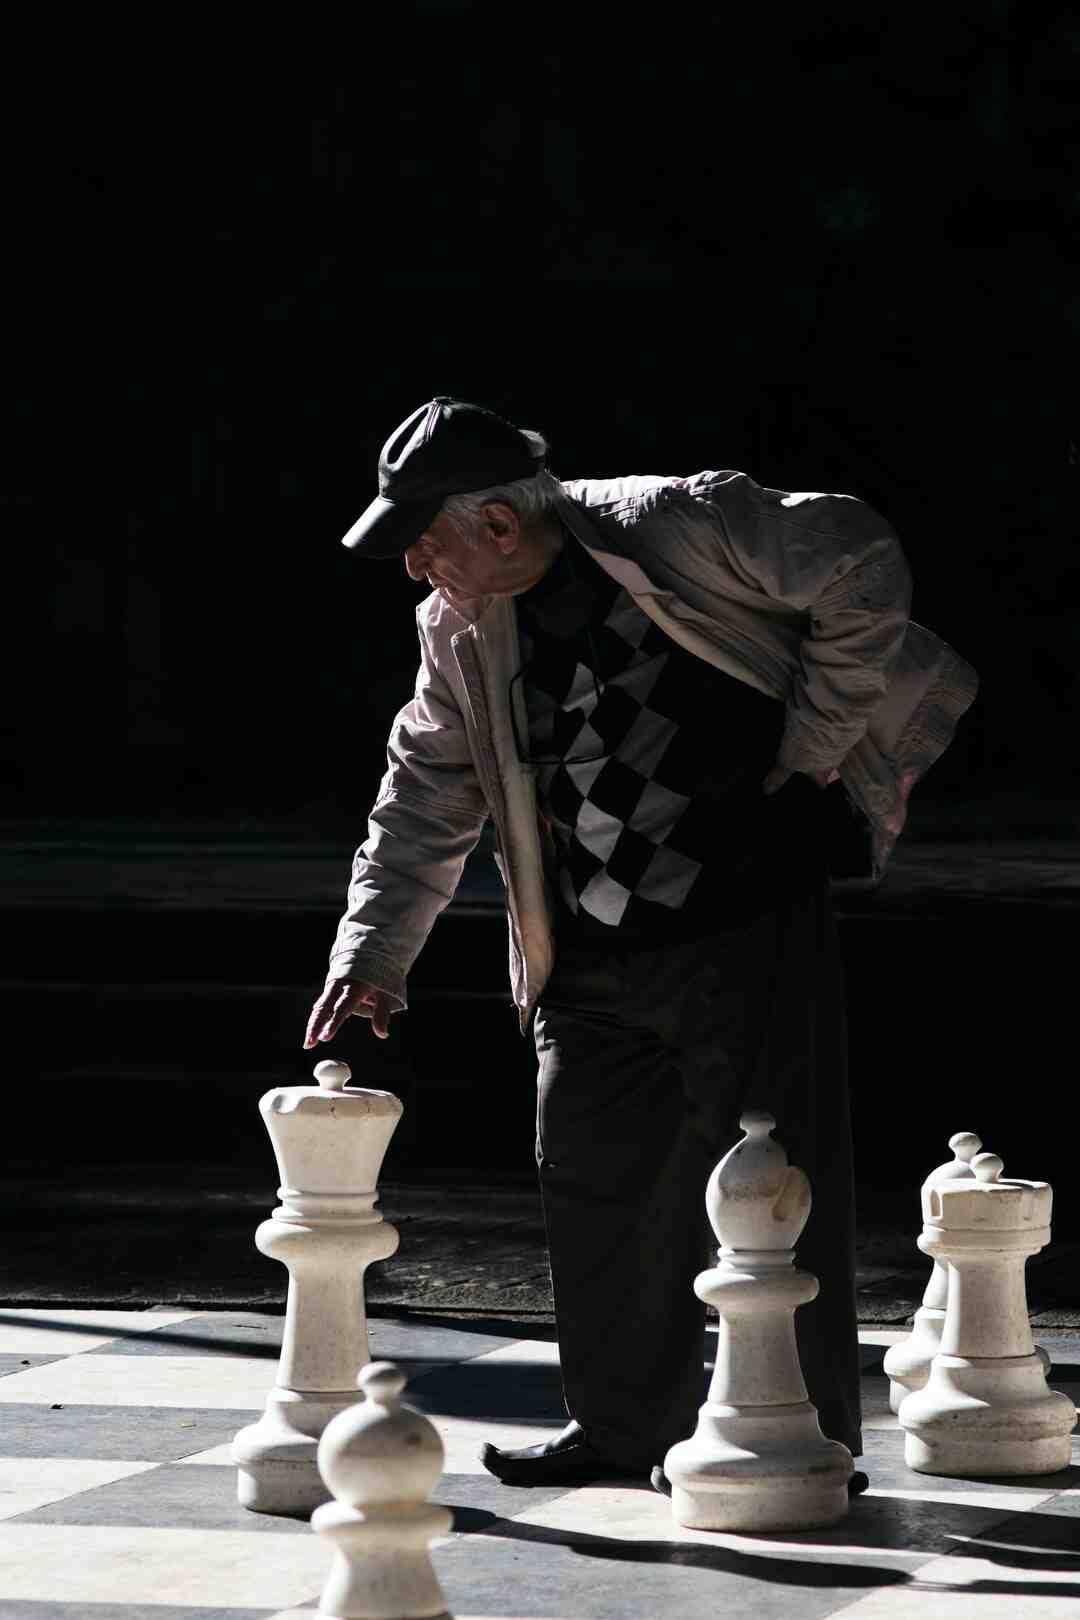 Comment déclarer une retraite étrangère